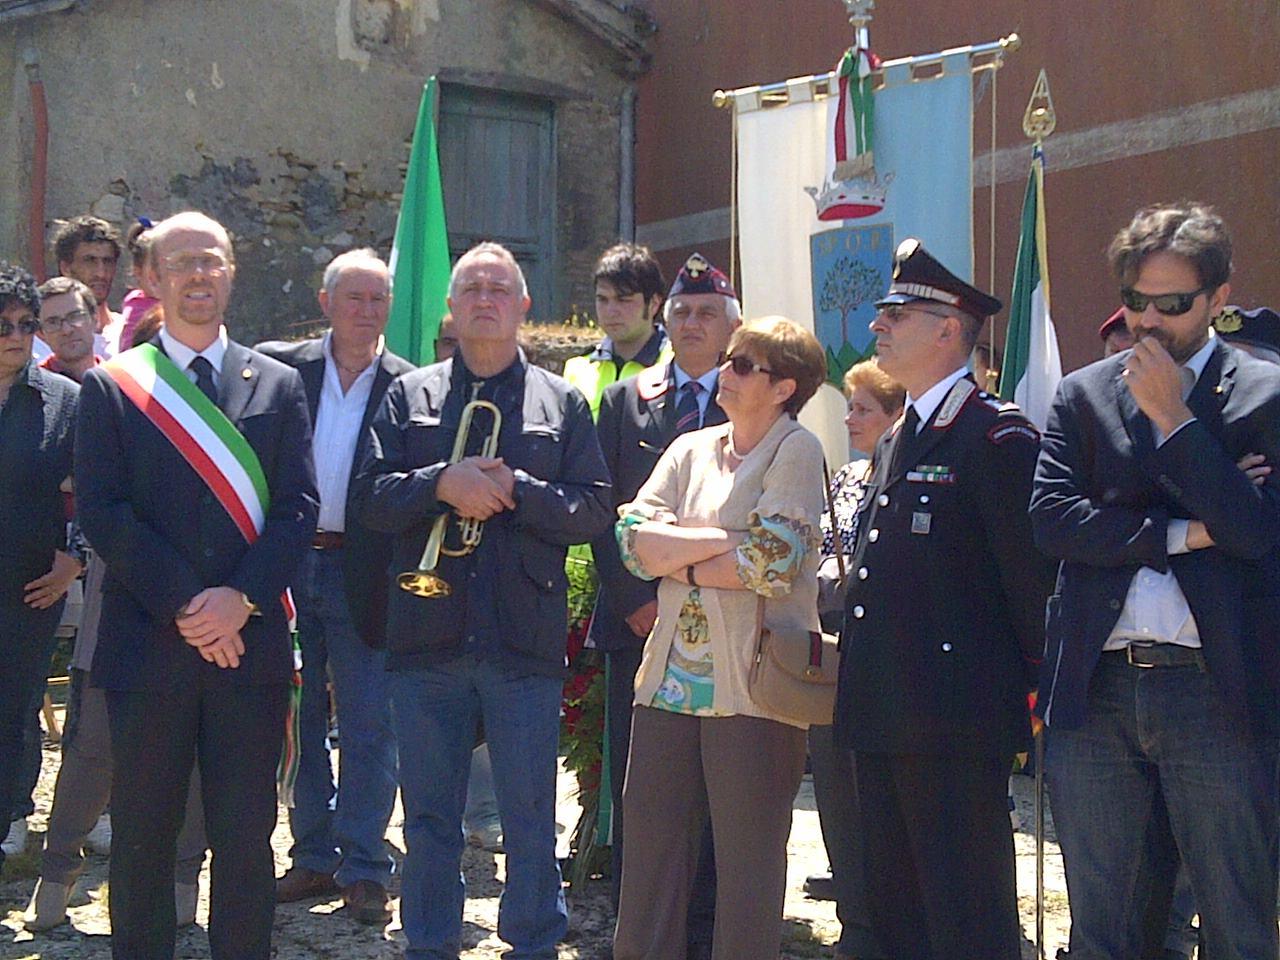 https://www.comune.olevanoromano.rm.it/immagini_news/public/immagine/76-Olevano-festa-2-giugno-10.jpg